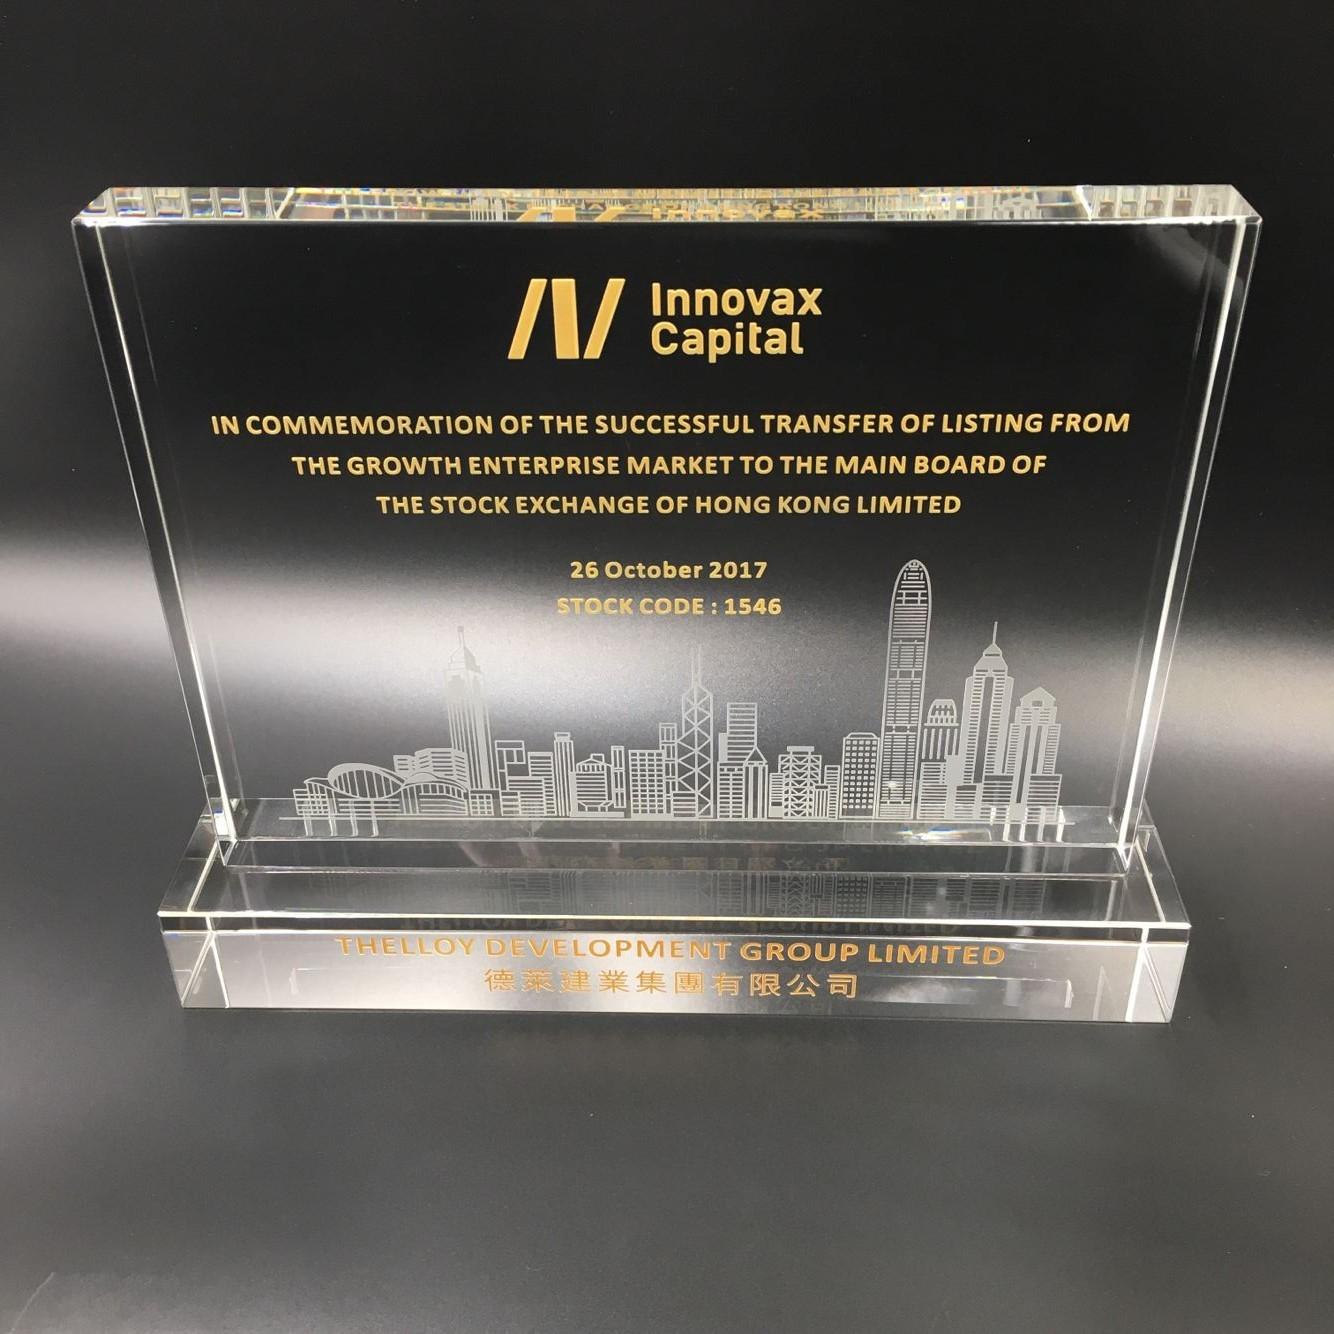 維港建築水晶獎座-水晶獎座-innovax-captial-limited - 香港優質奬品設計公司 - 案例分享